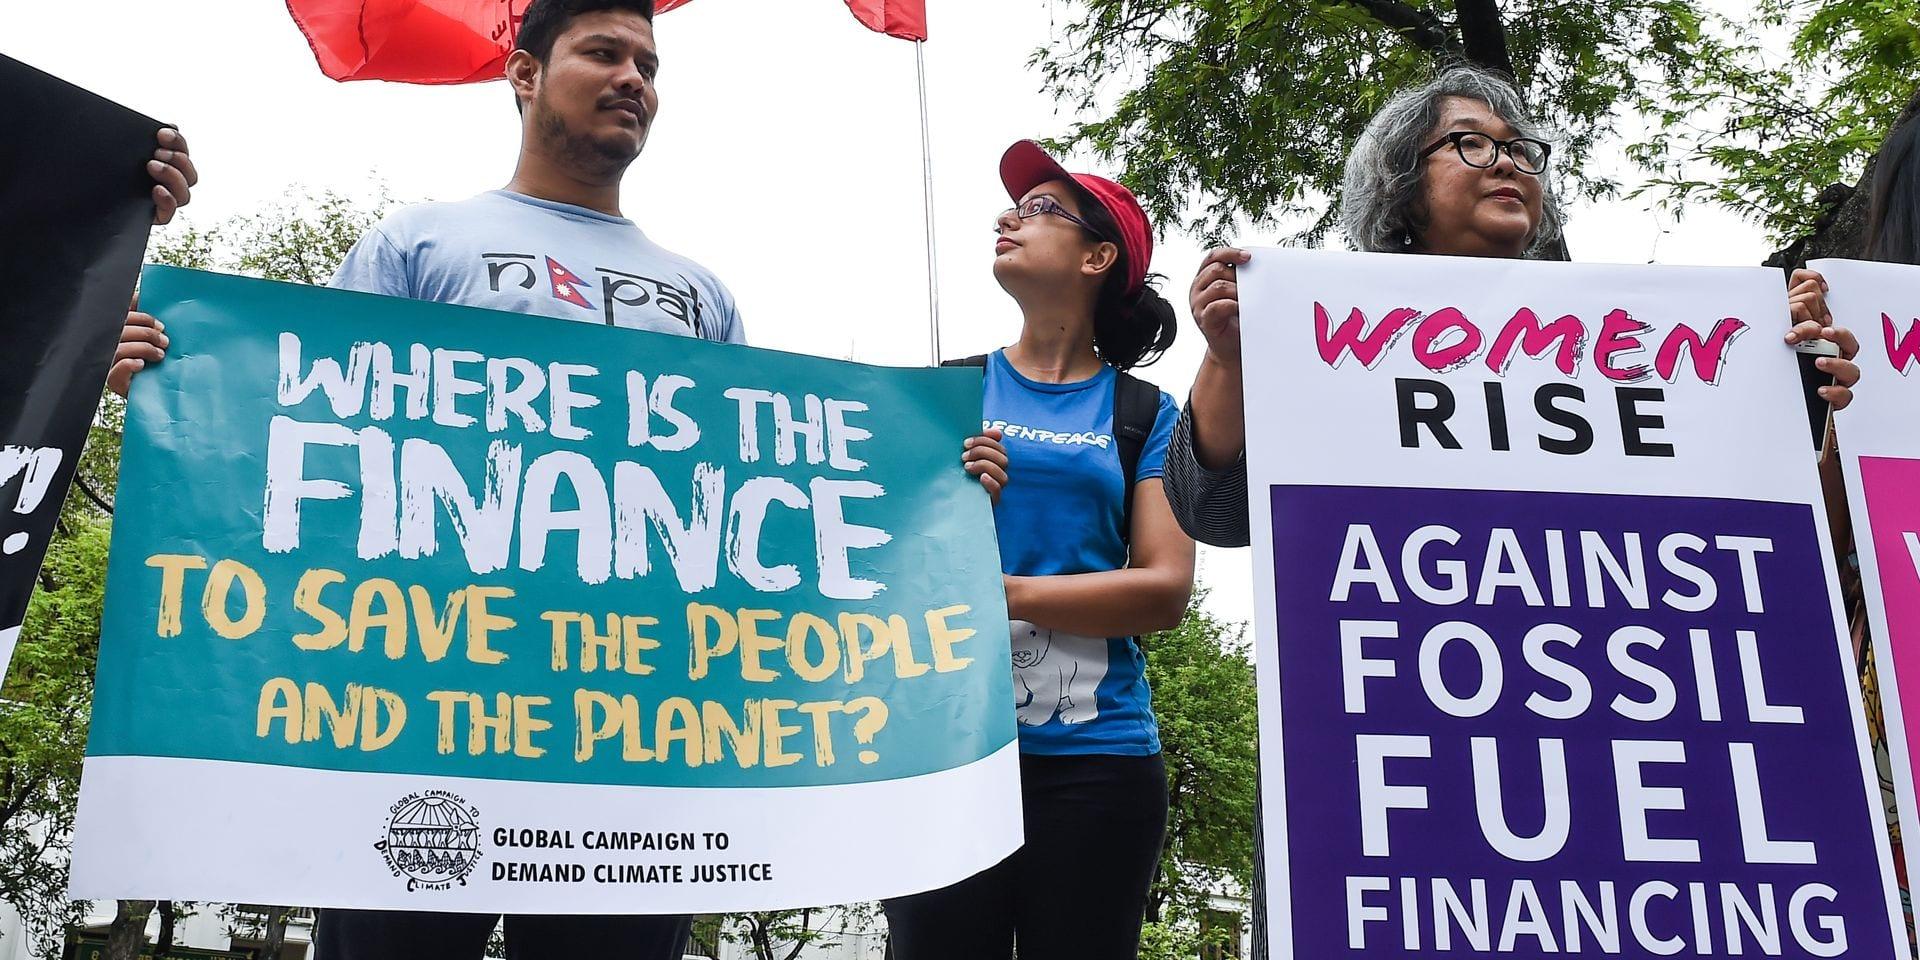 Climat: Les négociations à Bangkok butent sur le financement des efforts climatiques